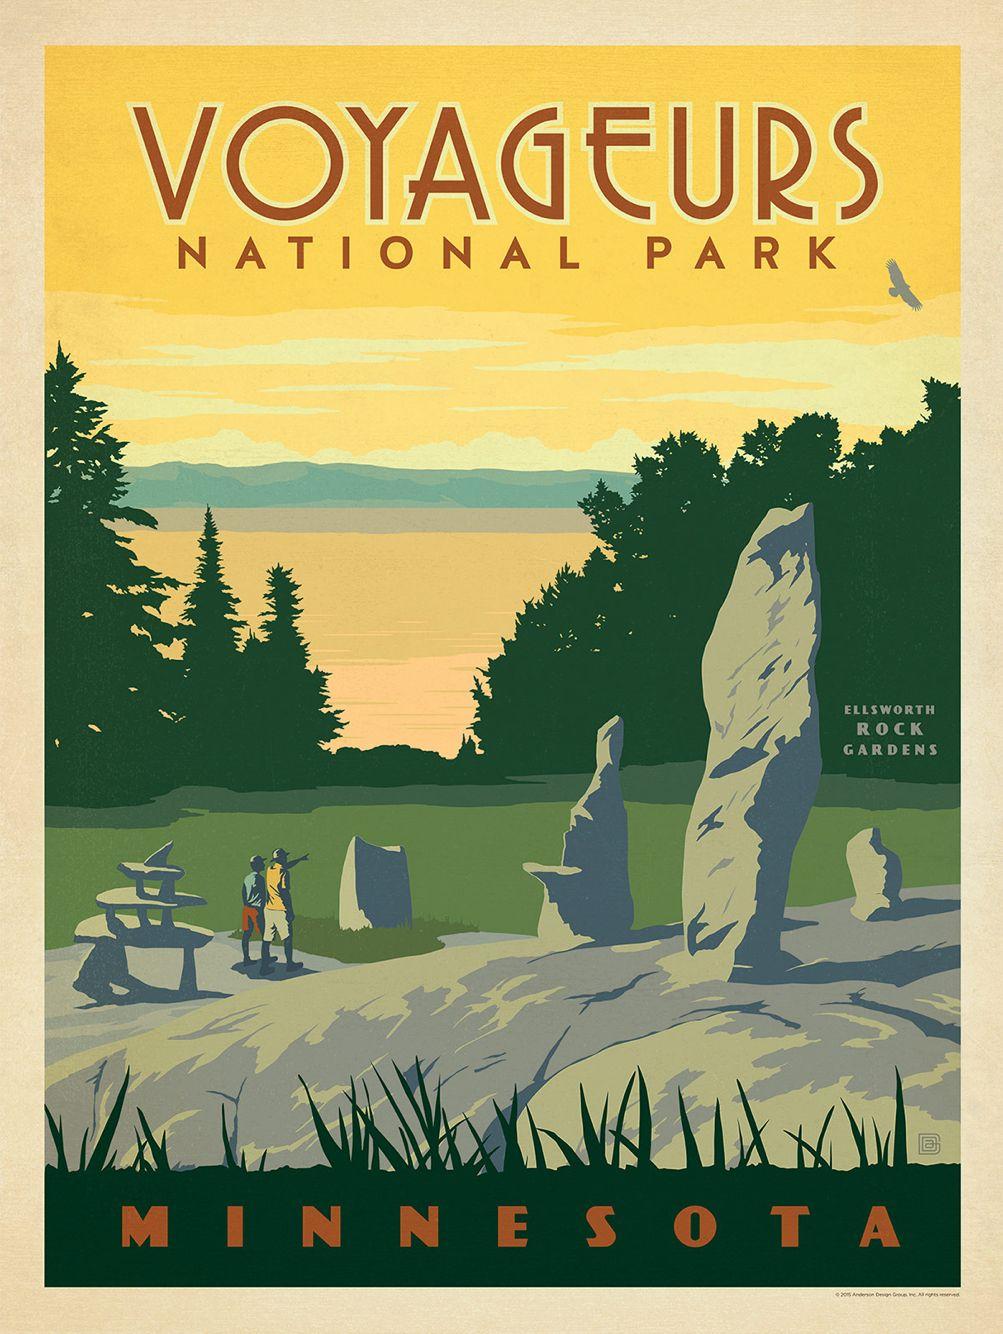 National Park Vintage Poster Vintage National Park Posters National Park Posters American National Parks